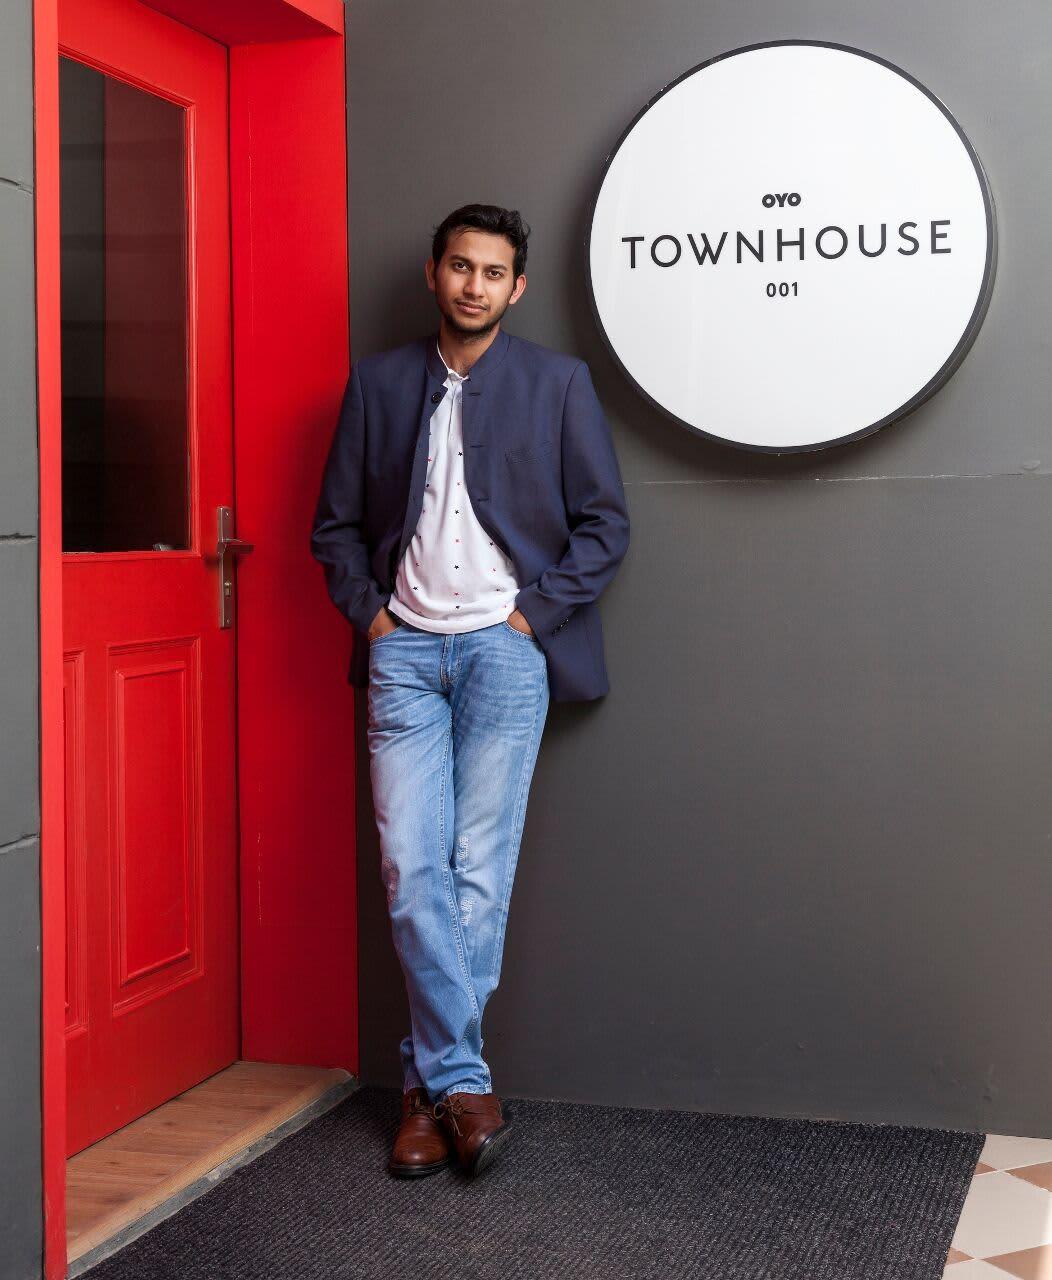 Oyo founder, Ritesh Agarwal, Sở hữu chuỗi khách sạn lớn thứ 2 thế giới   trở thành tỷ phú sau 5 năm khởi nghiệp 2